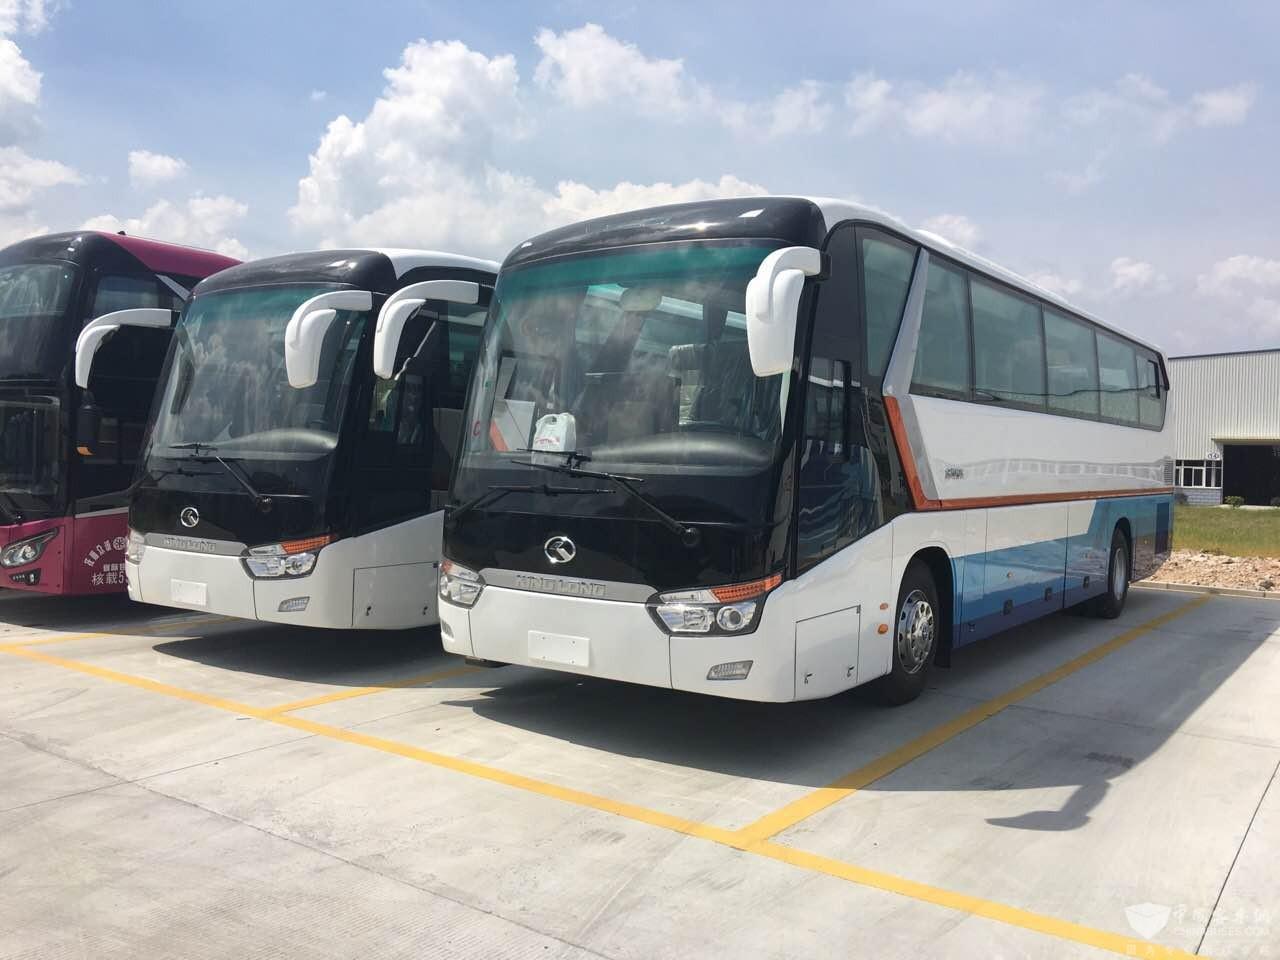 北京海淀班车租赁公司|海淀企业班车租赁|大巴车租赁--中宇租车